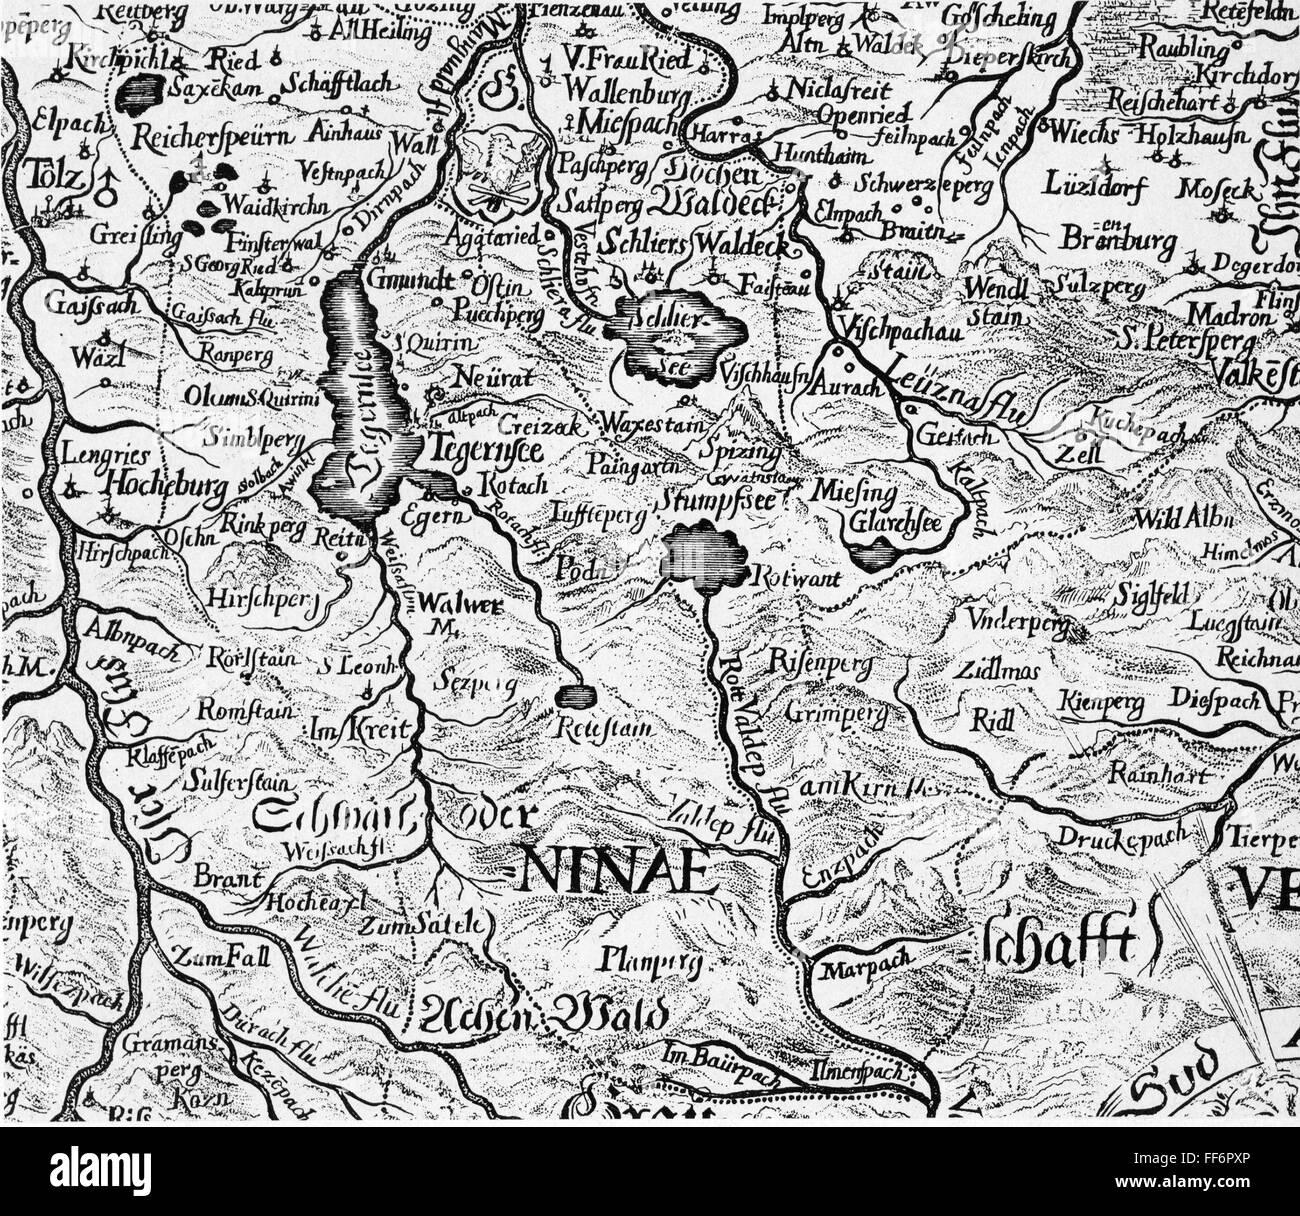 Kartographie Map Deutschland Im Bayerischen Oberland